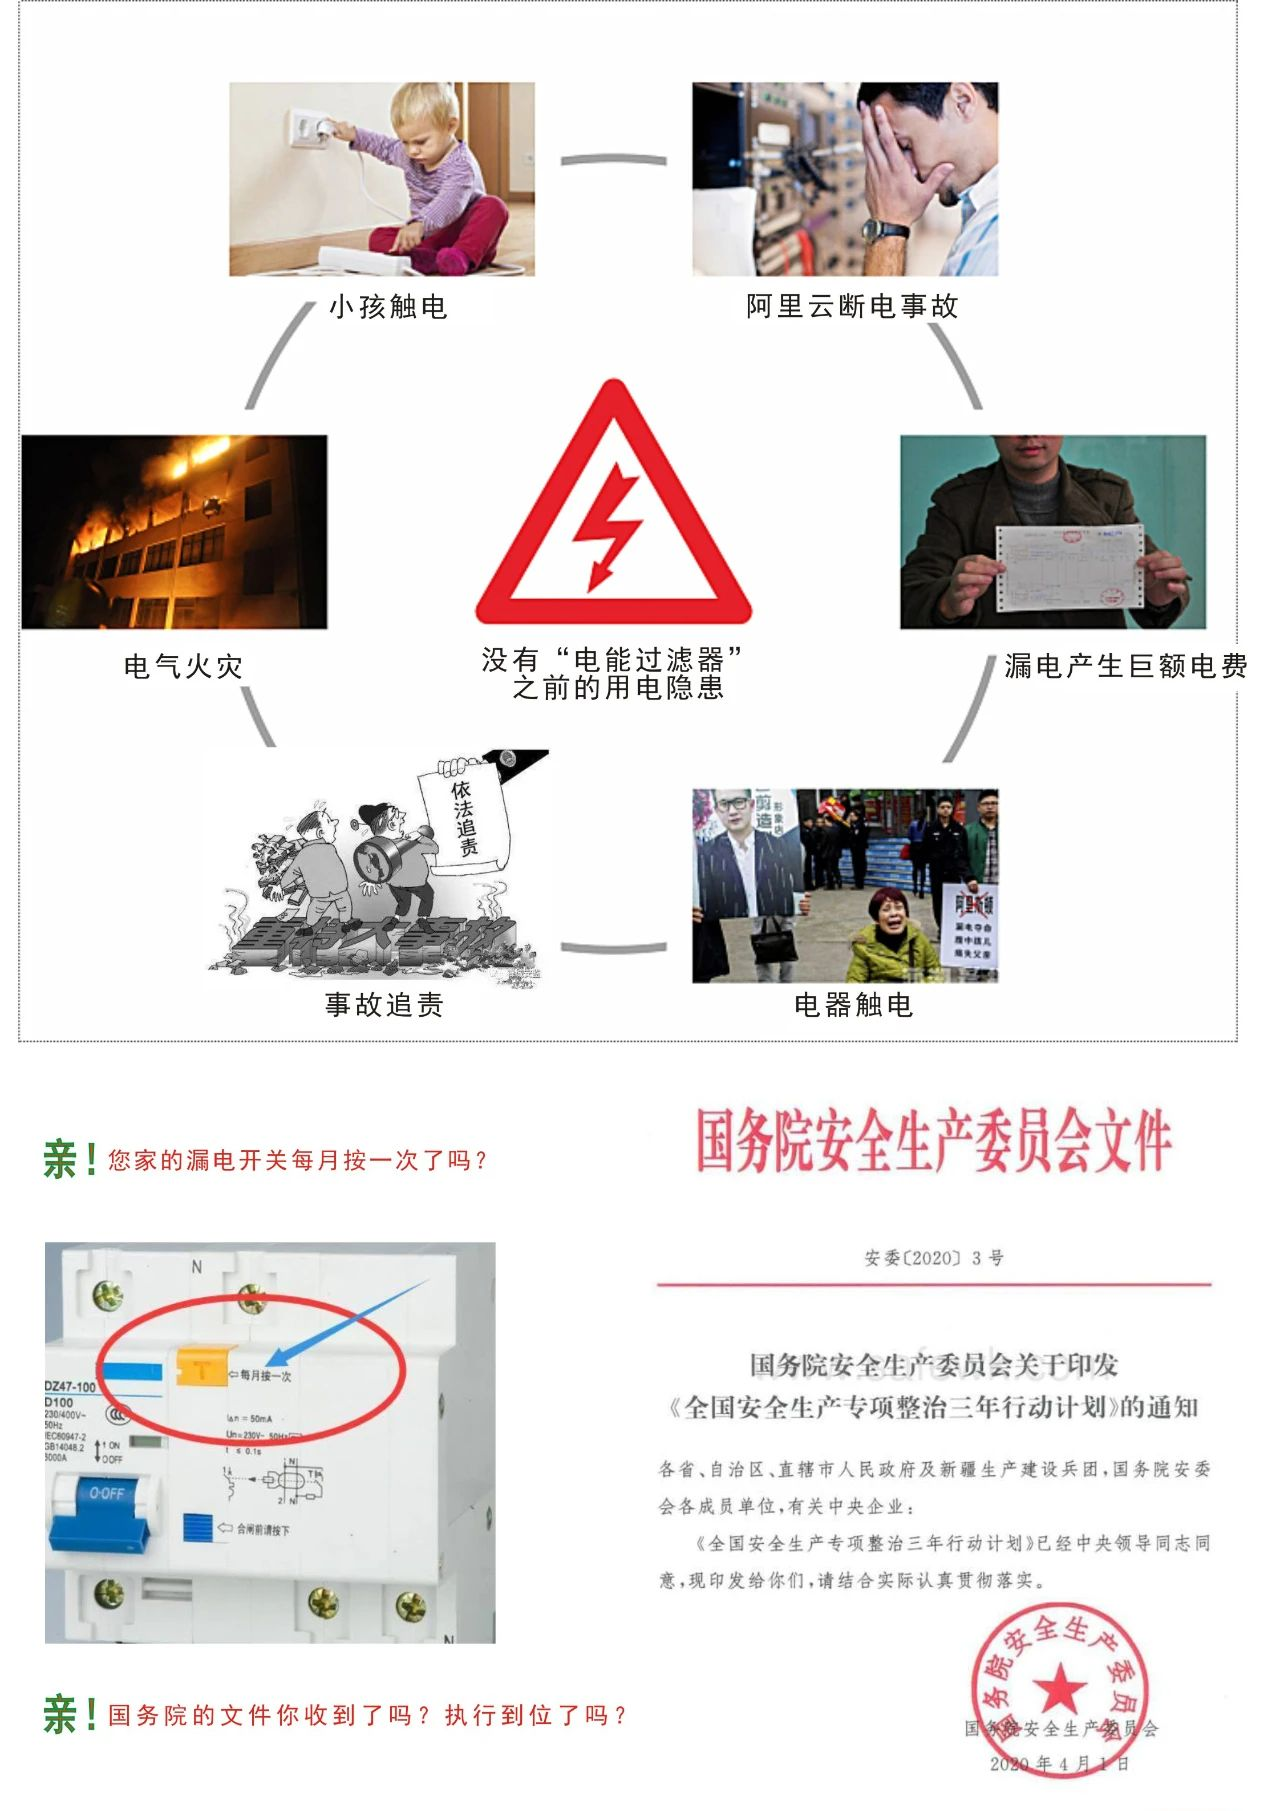 宣传页图片4.jpg